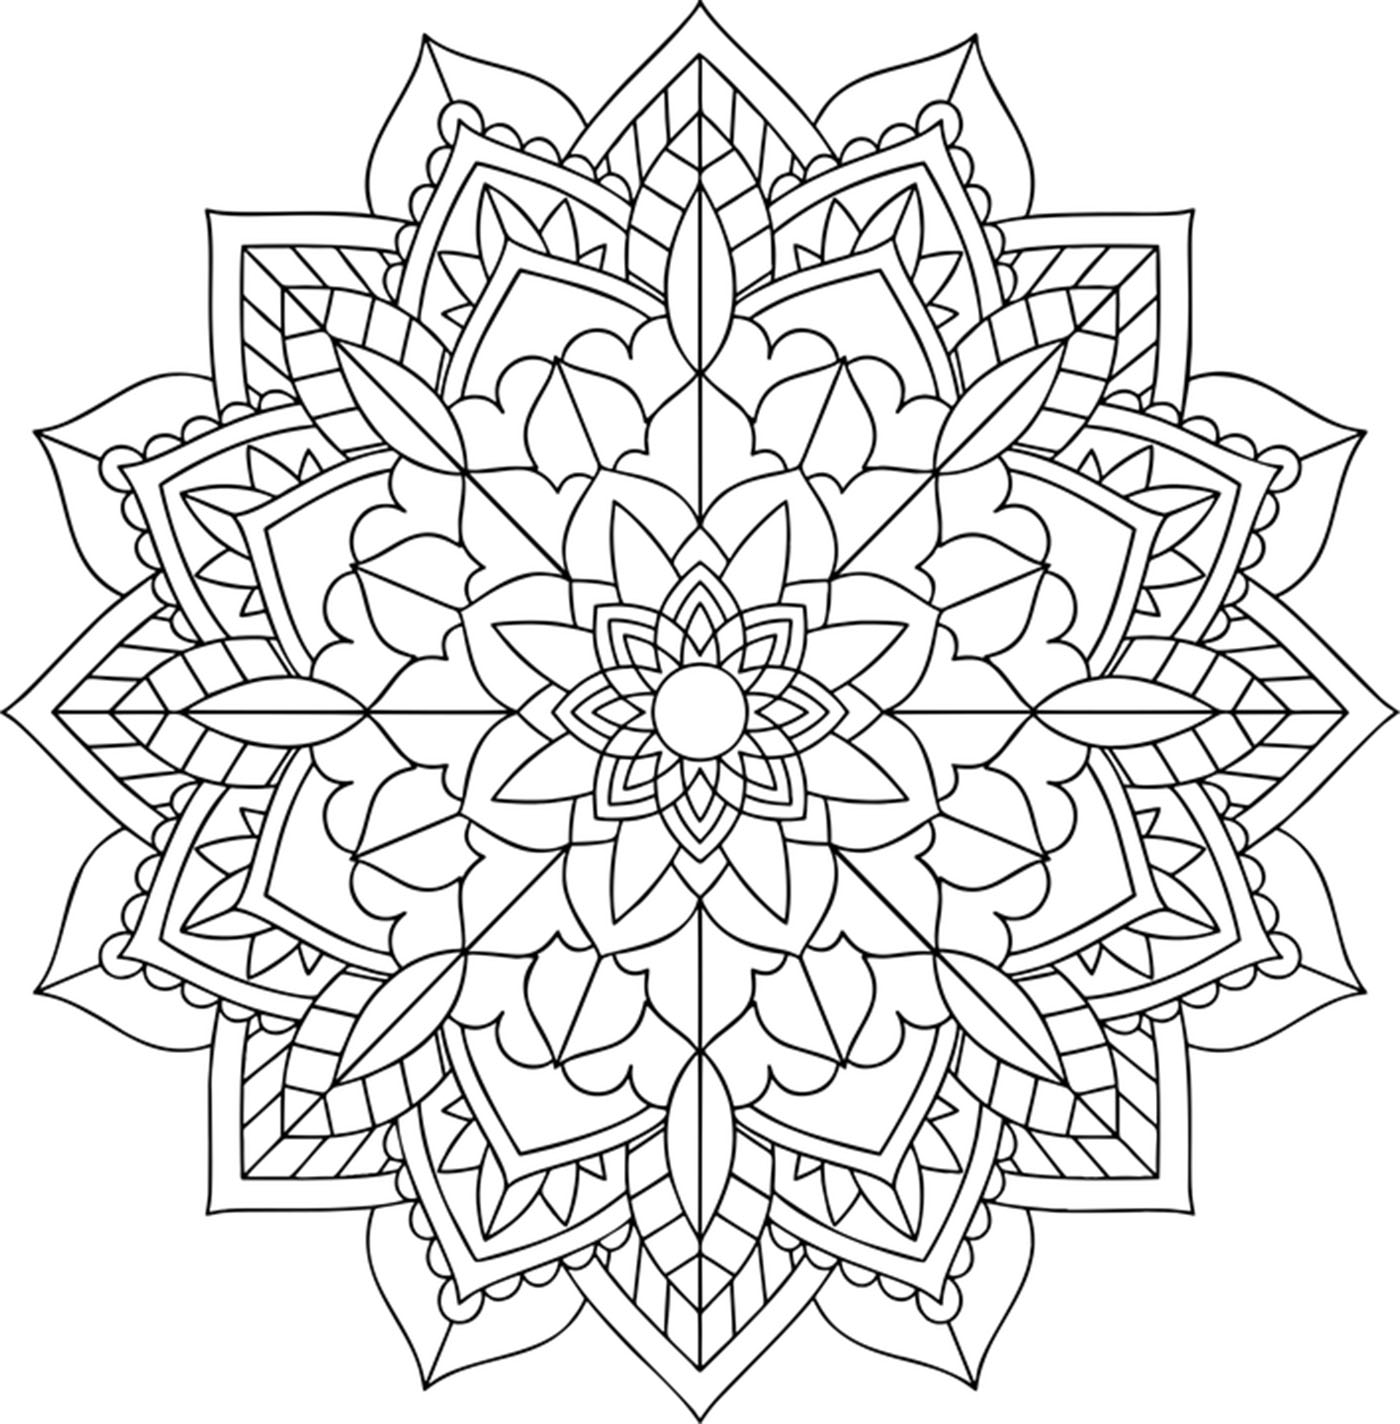 Des détails assez faciles à colorier, avec zones très claires, pour un coloriage de Mandala sombre très original et de grande qualité.